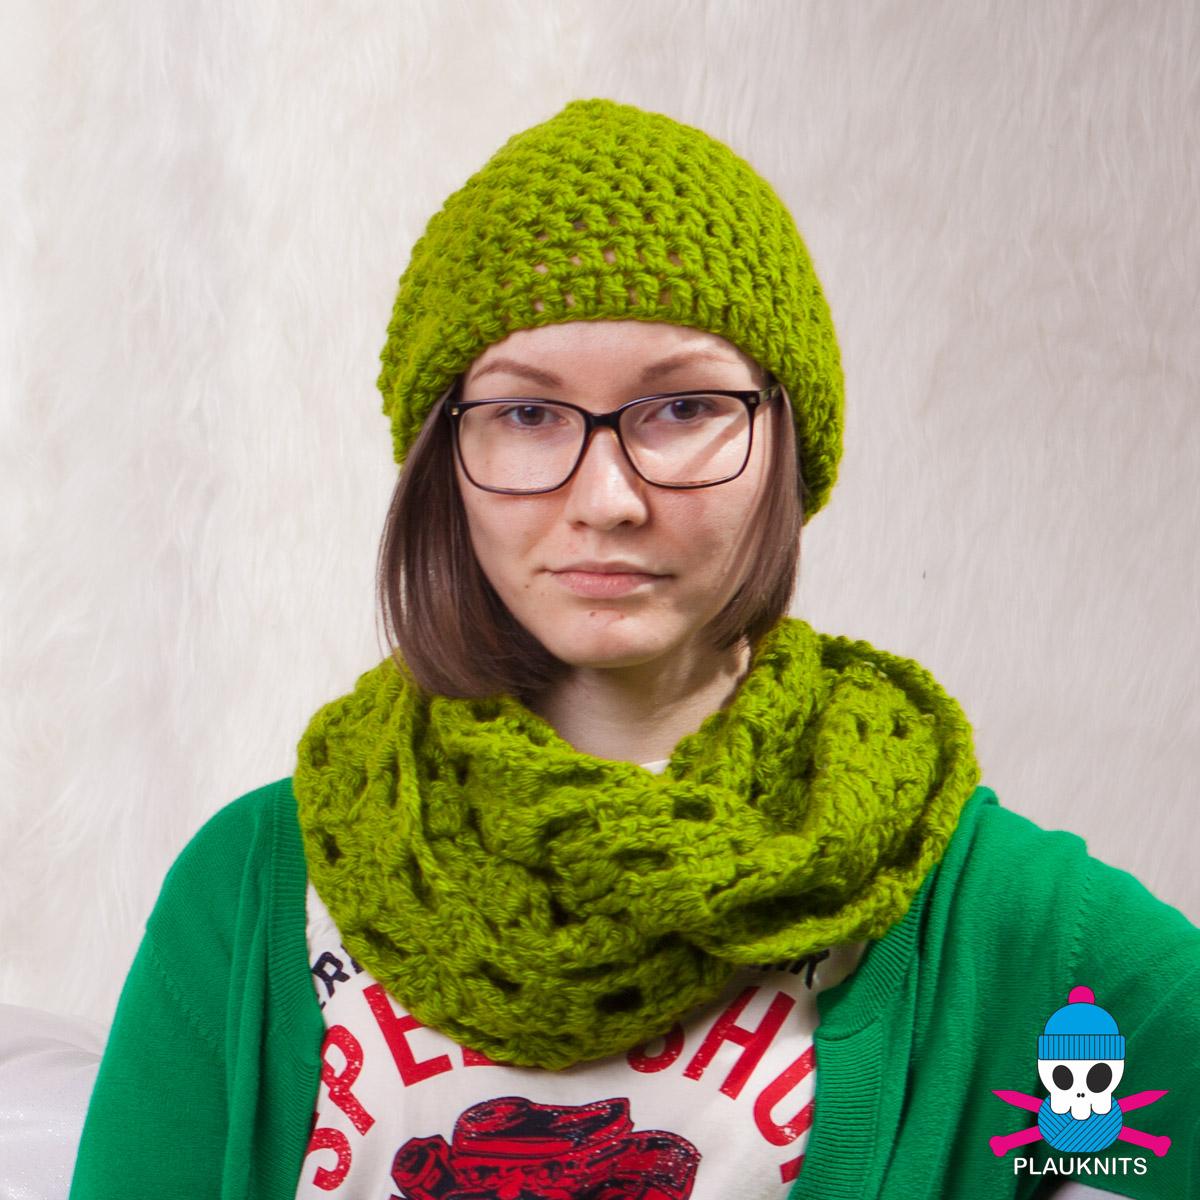 Зелёный вязаный комплект шарф-снуд и шапка Кристалл